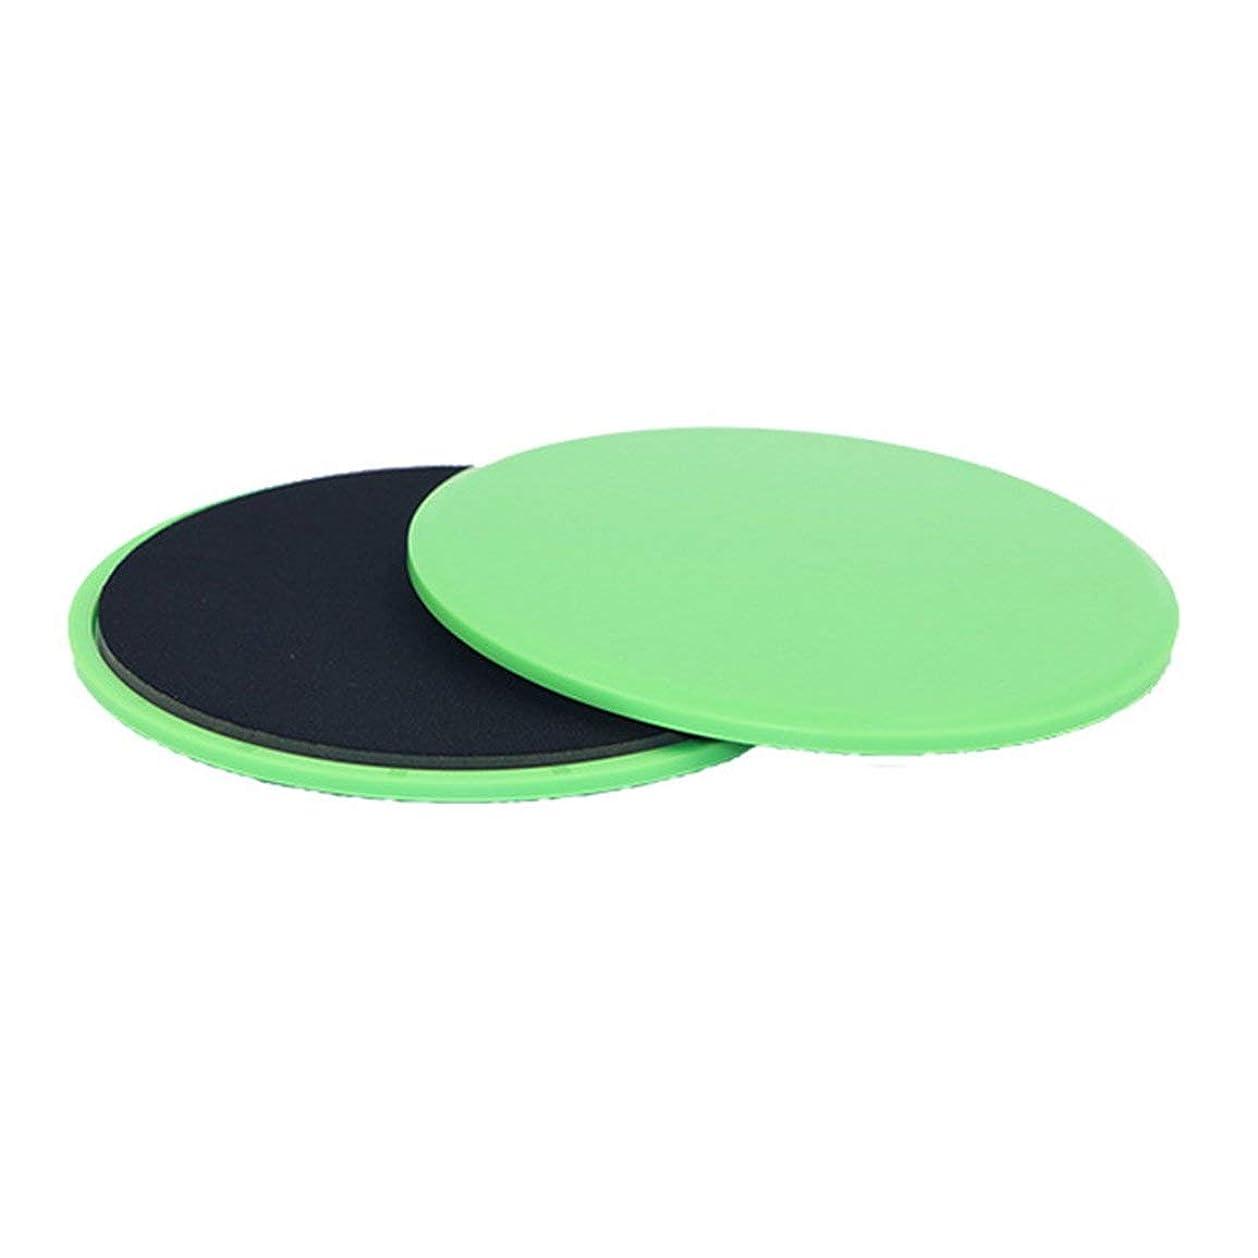 談話アーティキュレーション柱フィットネススライドグライディングディスクコーディネーション能力フィットネスエクササイズスライダーコアトレーニング用腹部と全身トレーニング - グリーン